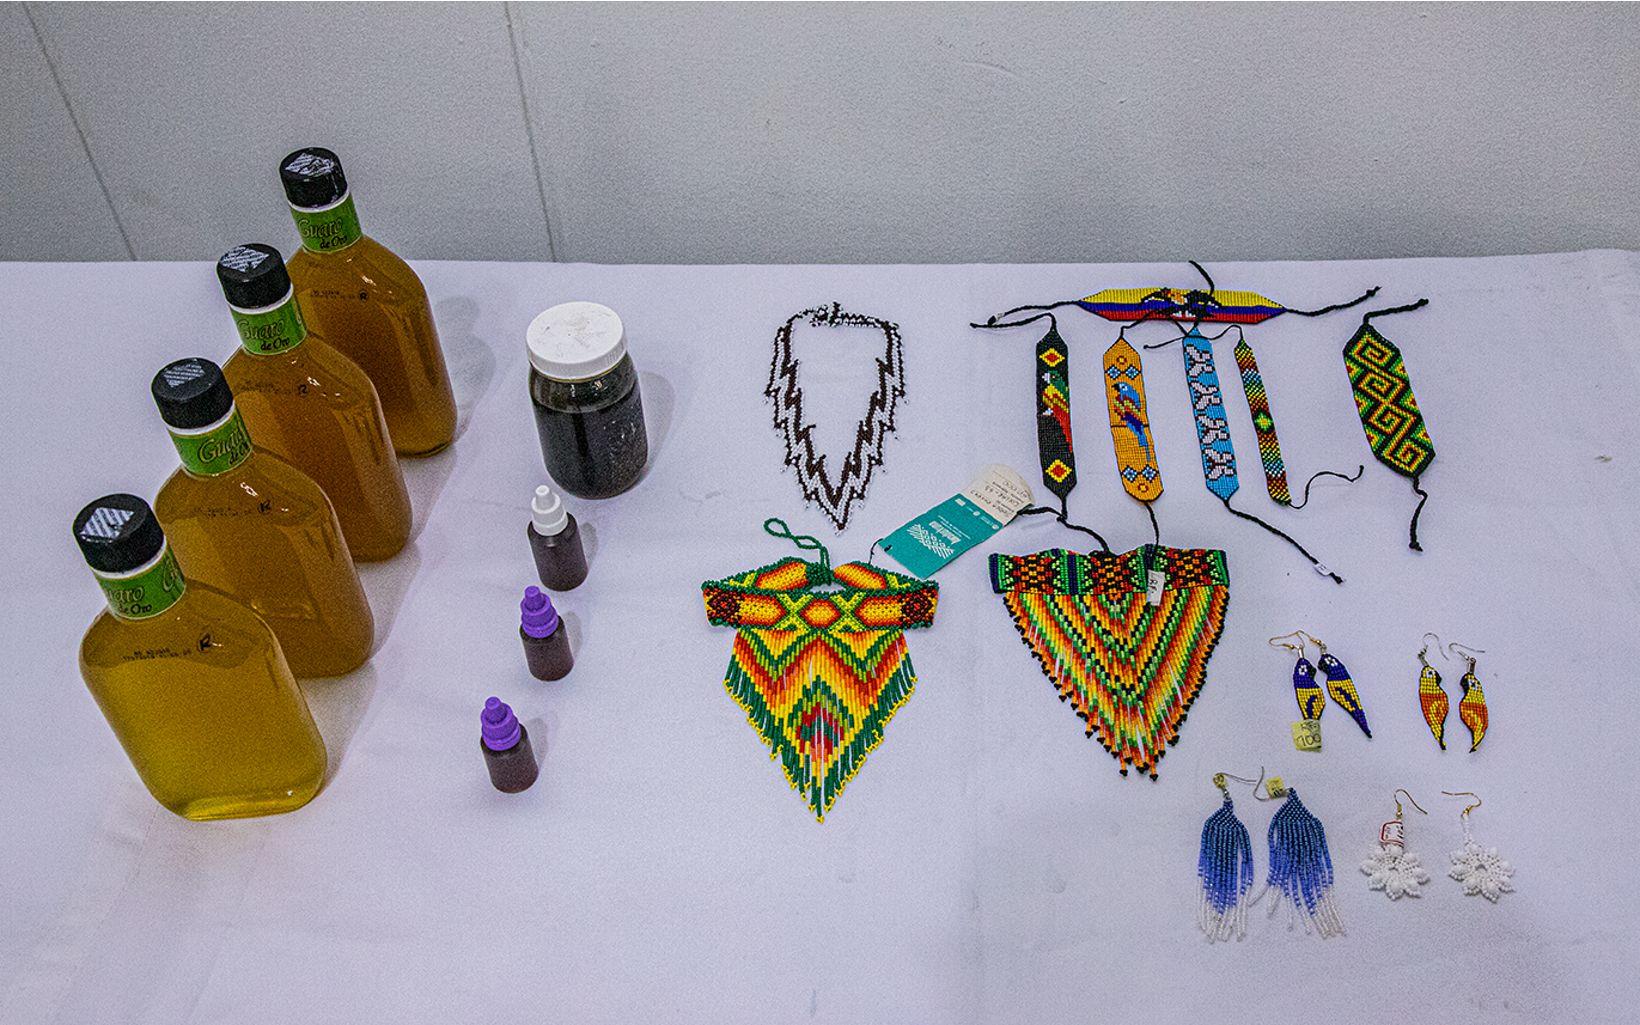 Iniciativas productivas de comunidades indígenas conectan su conocimiento de los bosques con productos artesanales que protegen los ecosistemas y además son de gran calidad.